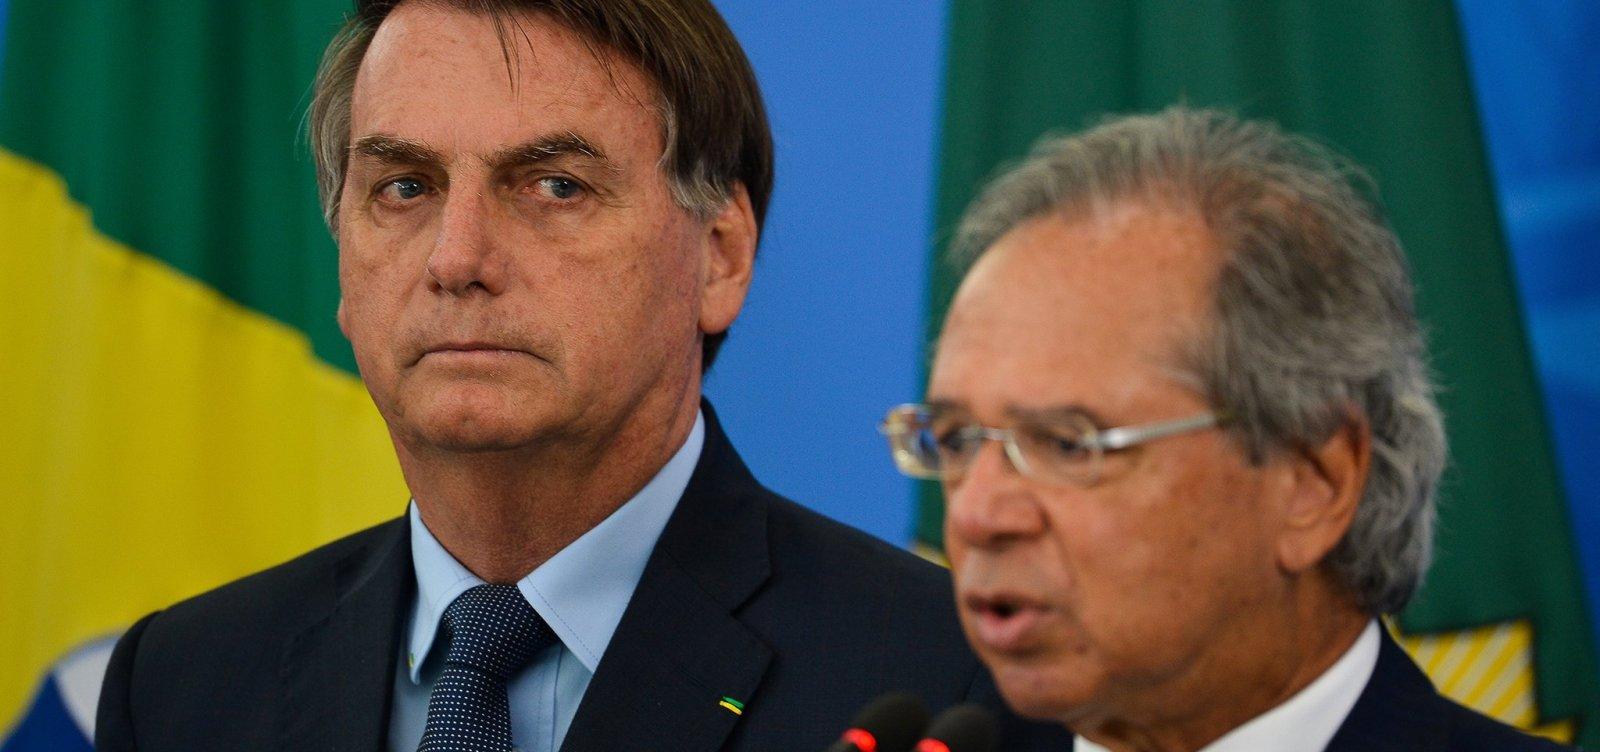 [Sem aprovação do Orçamento de 2021, ministérios pedem crédito extra de R$ 5,65 bilhões]